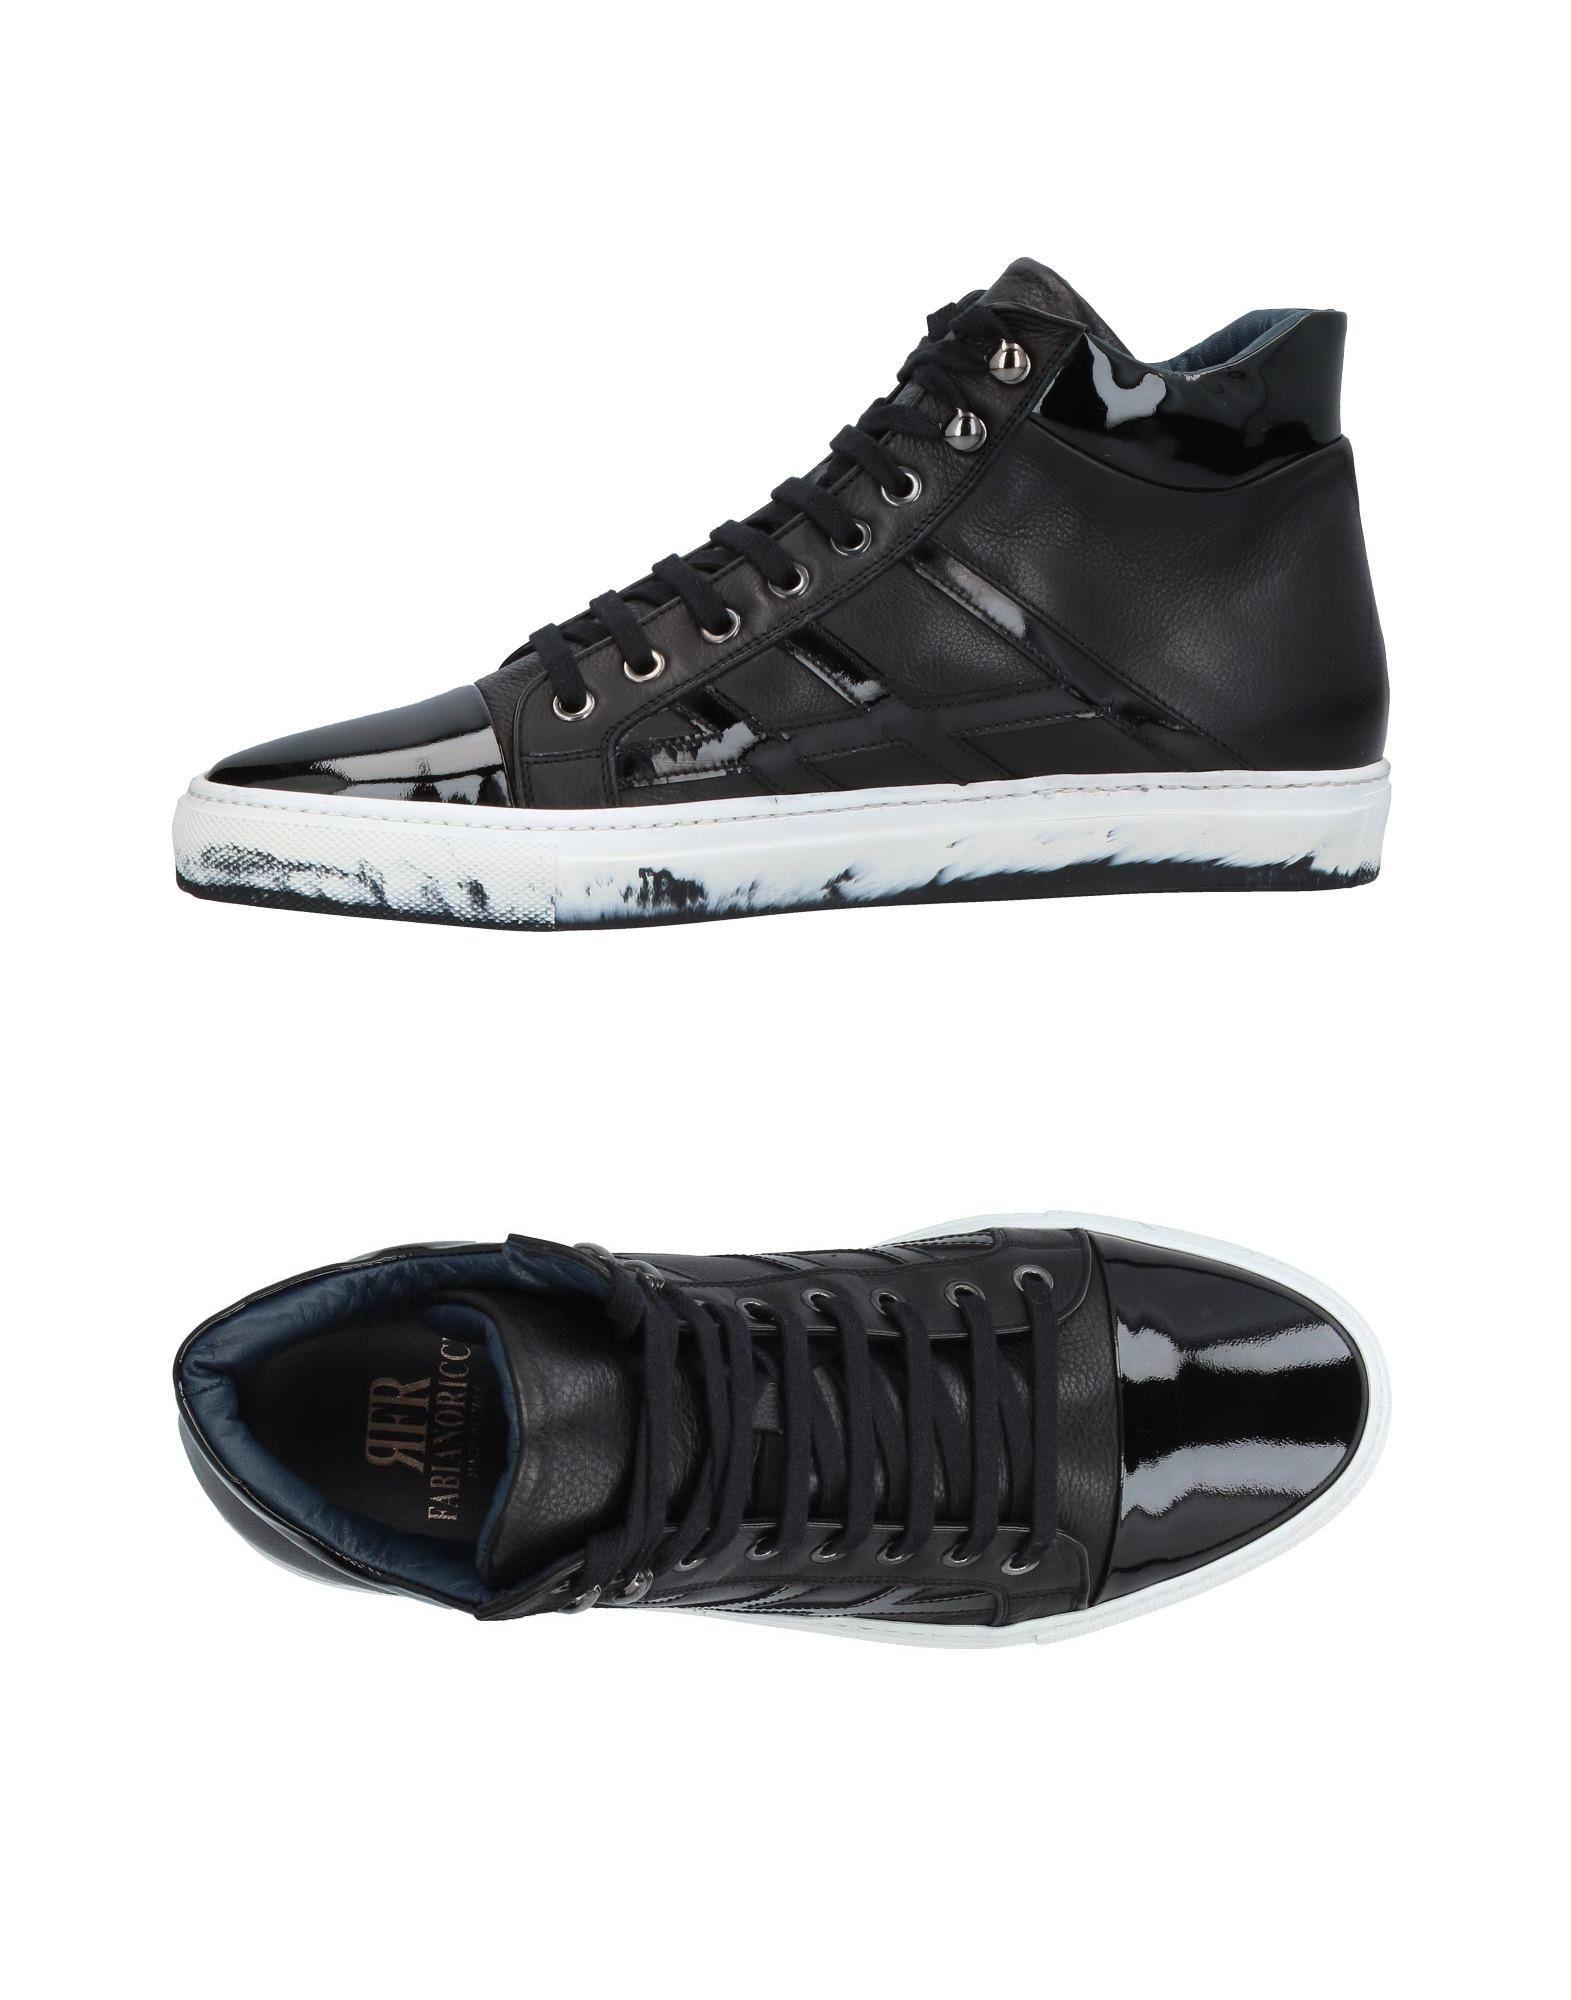 Sneakers Fabiano Ricci Homme - Sneakers Fabiano Ricci  Noir Nouvelles chaussures pour hommes et femmes, remise limitée dans le temps